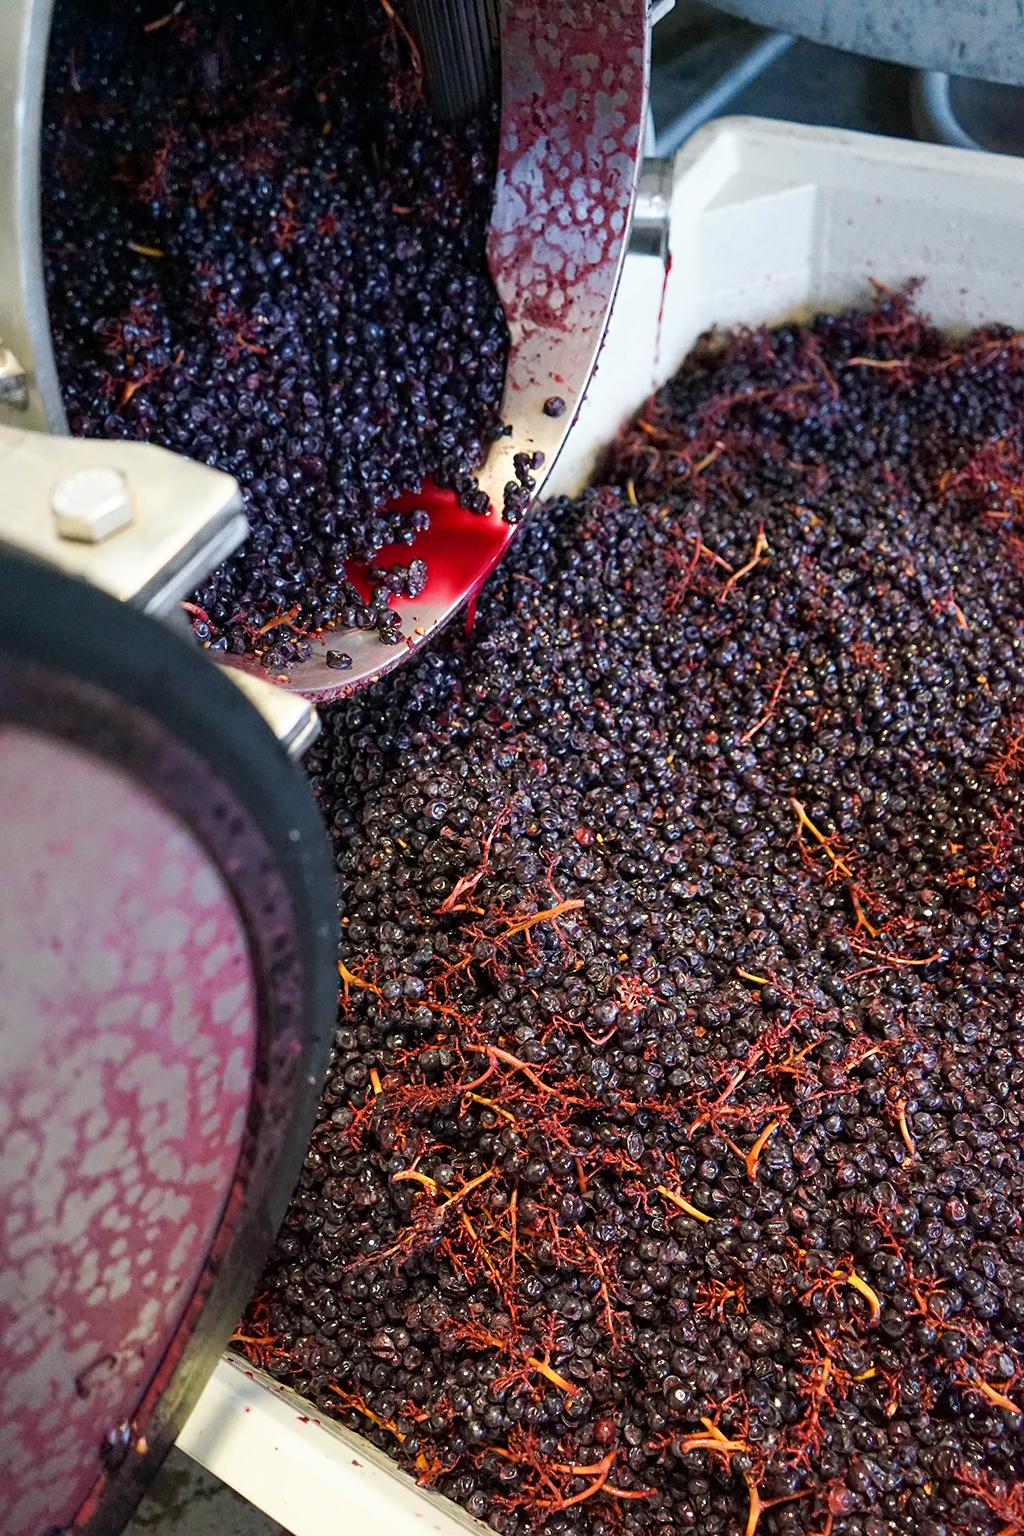 Underwood Nouveau Pinot Noir